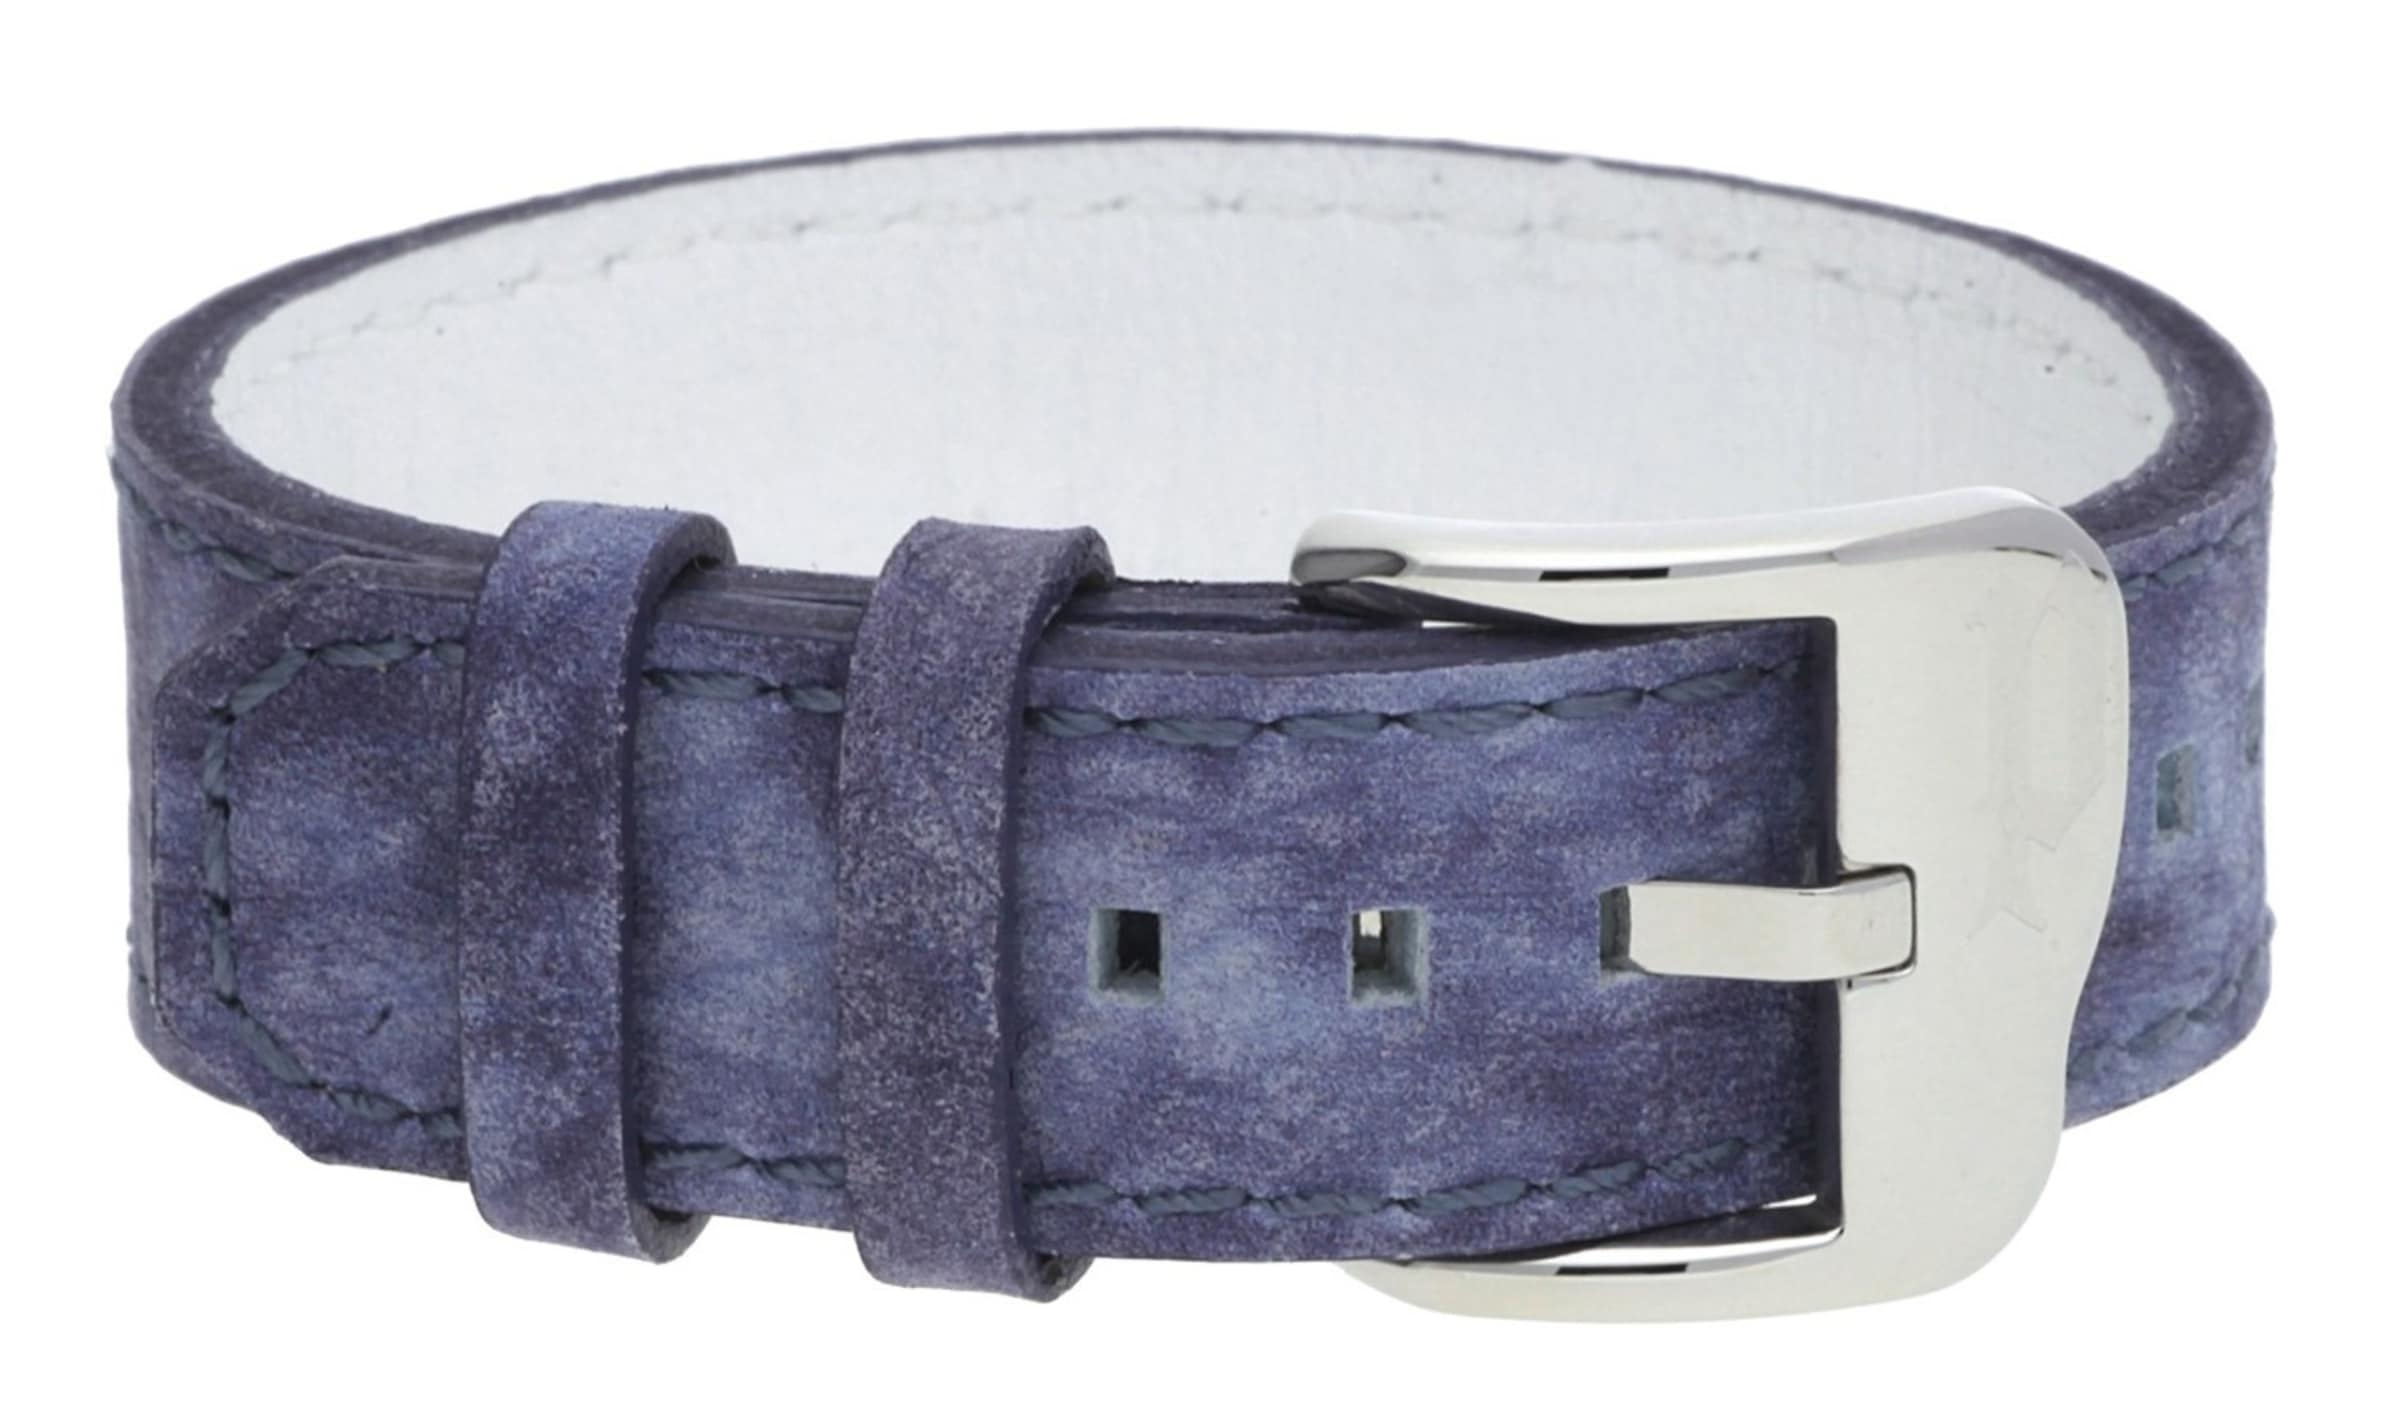 POLICE Armband CHORD PJ24292BLN-03 mit lässigem Look Verkauf Truhe Bilder Sie Günstig Online Finden Online-Großen Verkauf Freies Verschiffen Manchester Billig Verkauf Online-Shopping E7gXWffDp